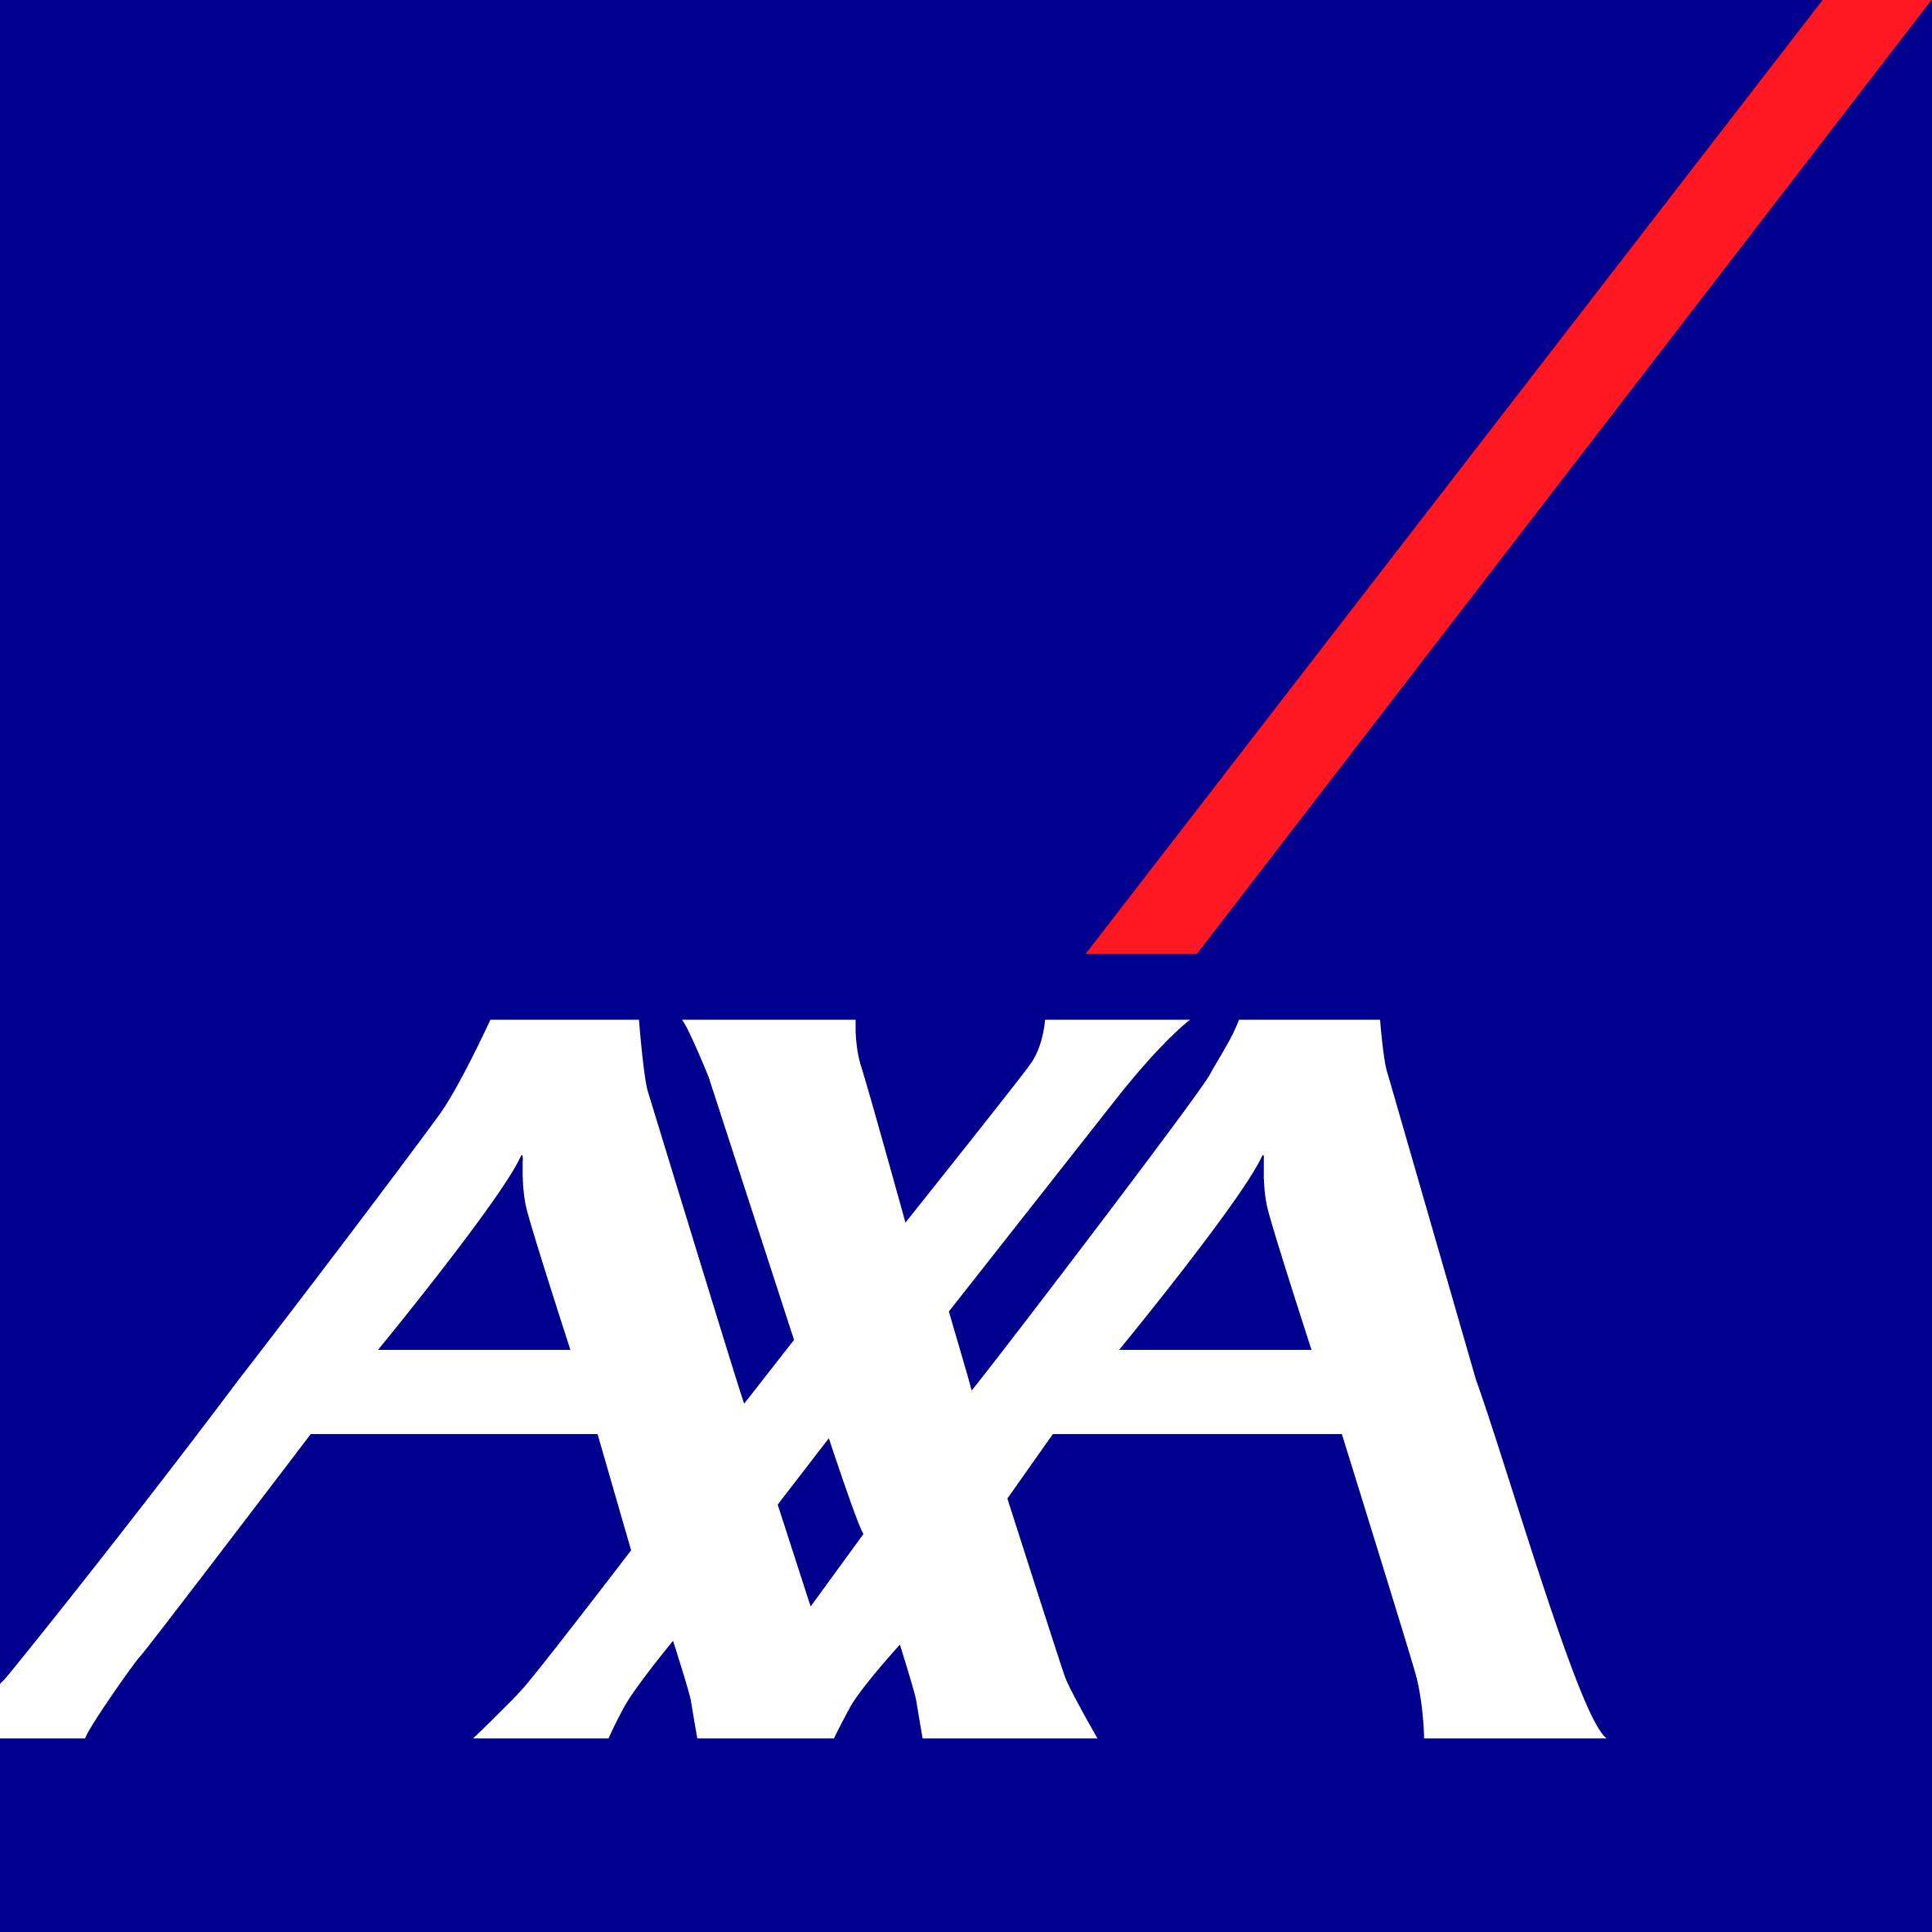 AXA – Logo